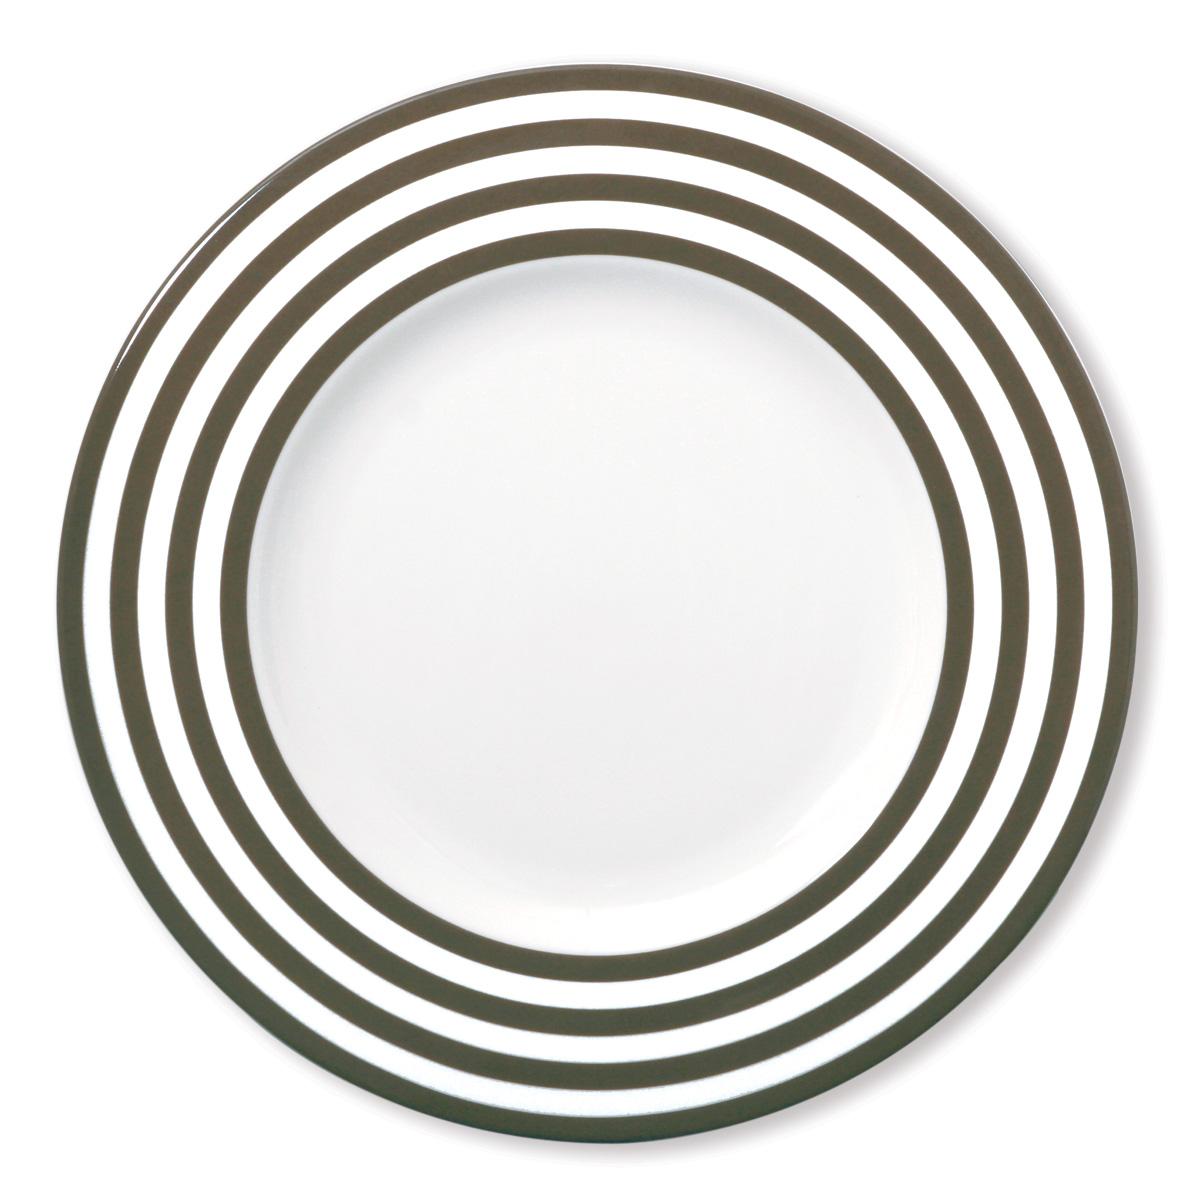 assiettes plates au design moderne et chic vaisselle haut de gamme. Black Bedroom Furniture Sets. Home Design Ideas